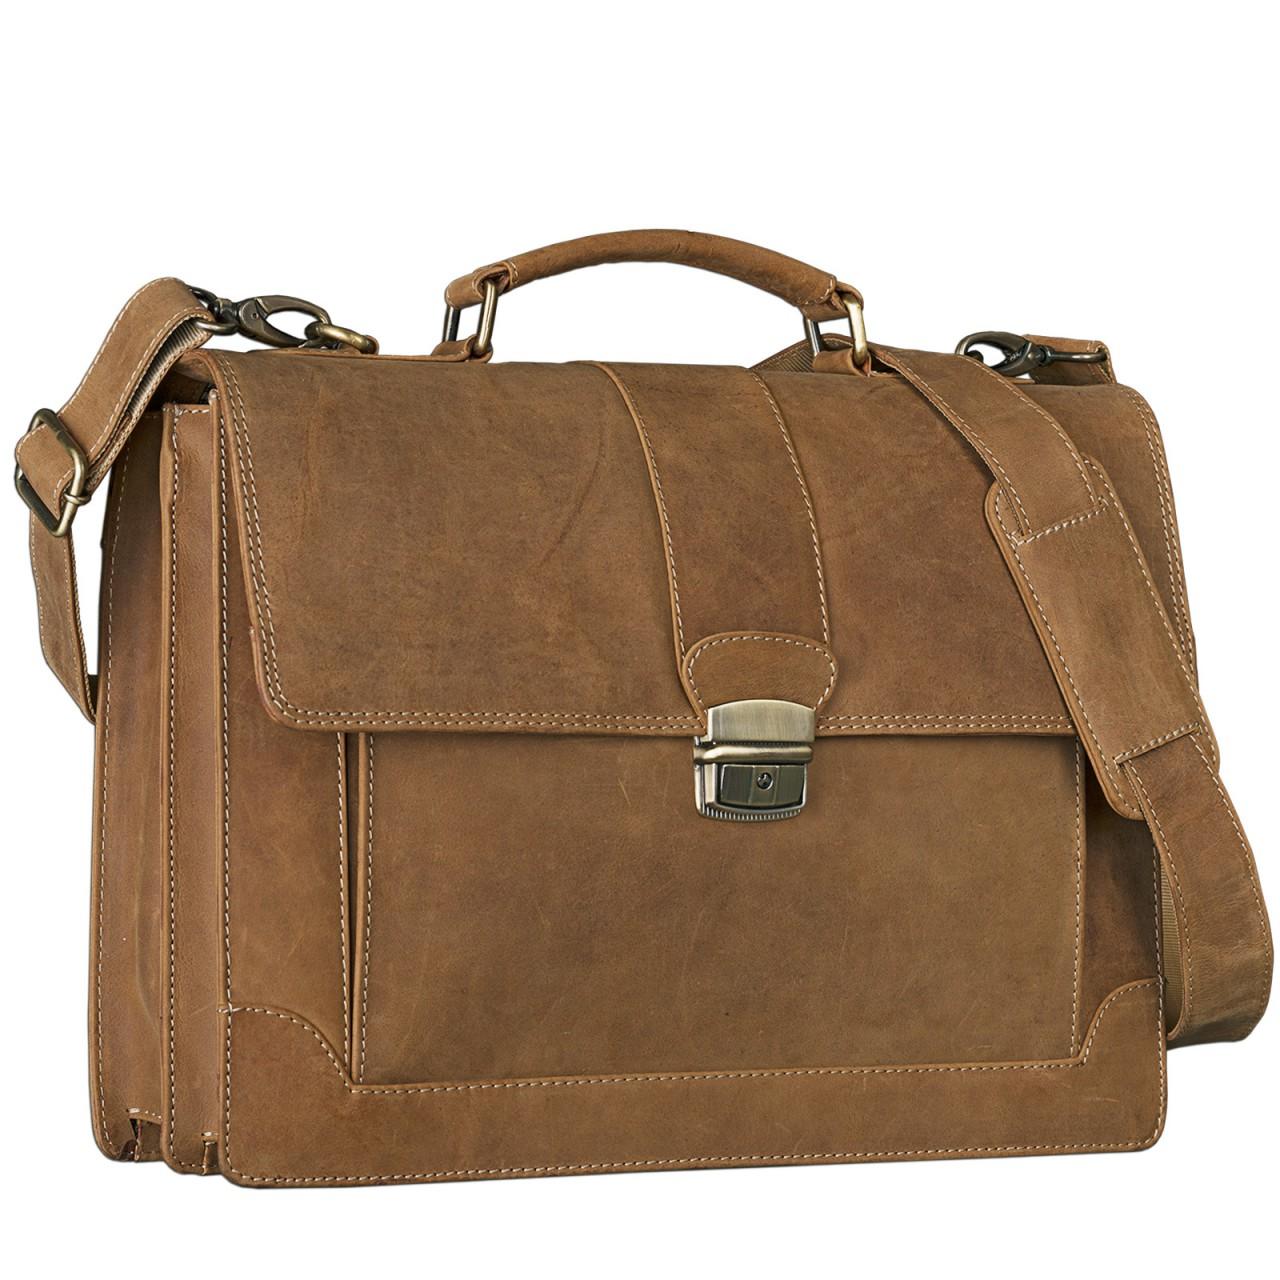 STILORD Bürotasche klassisch elegante Business Umhängetasche Laptoptasche zeitloses Vintage Design und echtes Leder, braun - Bild 1